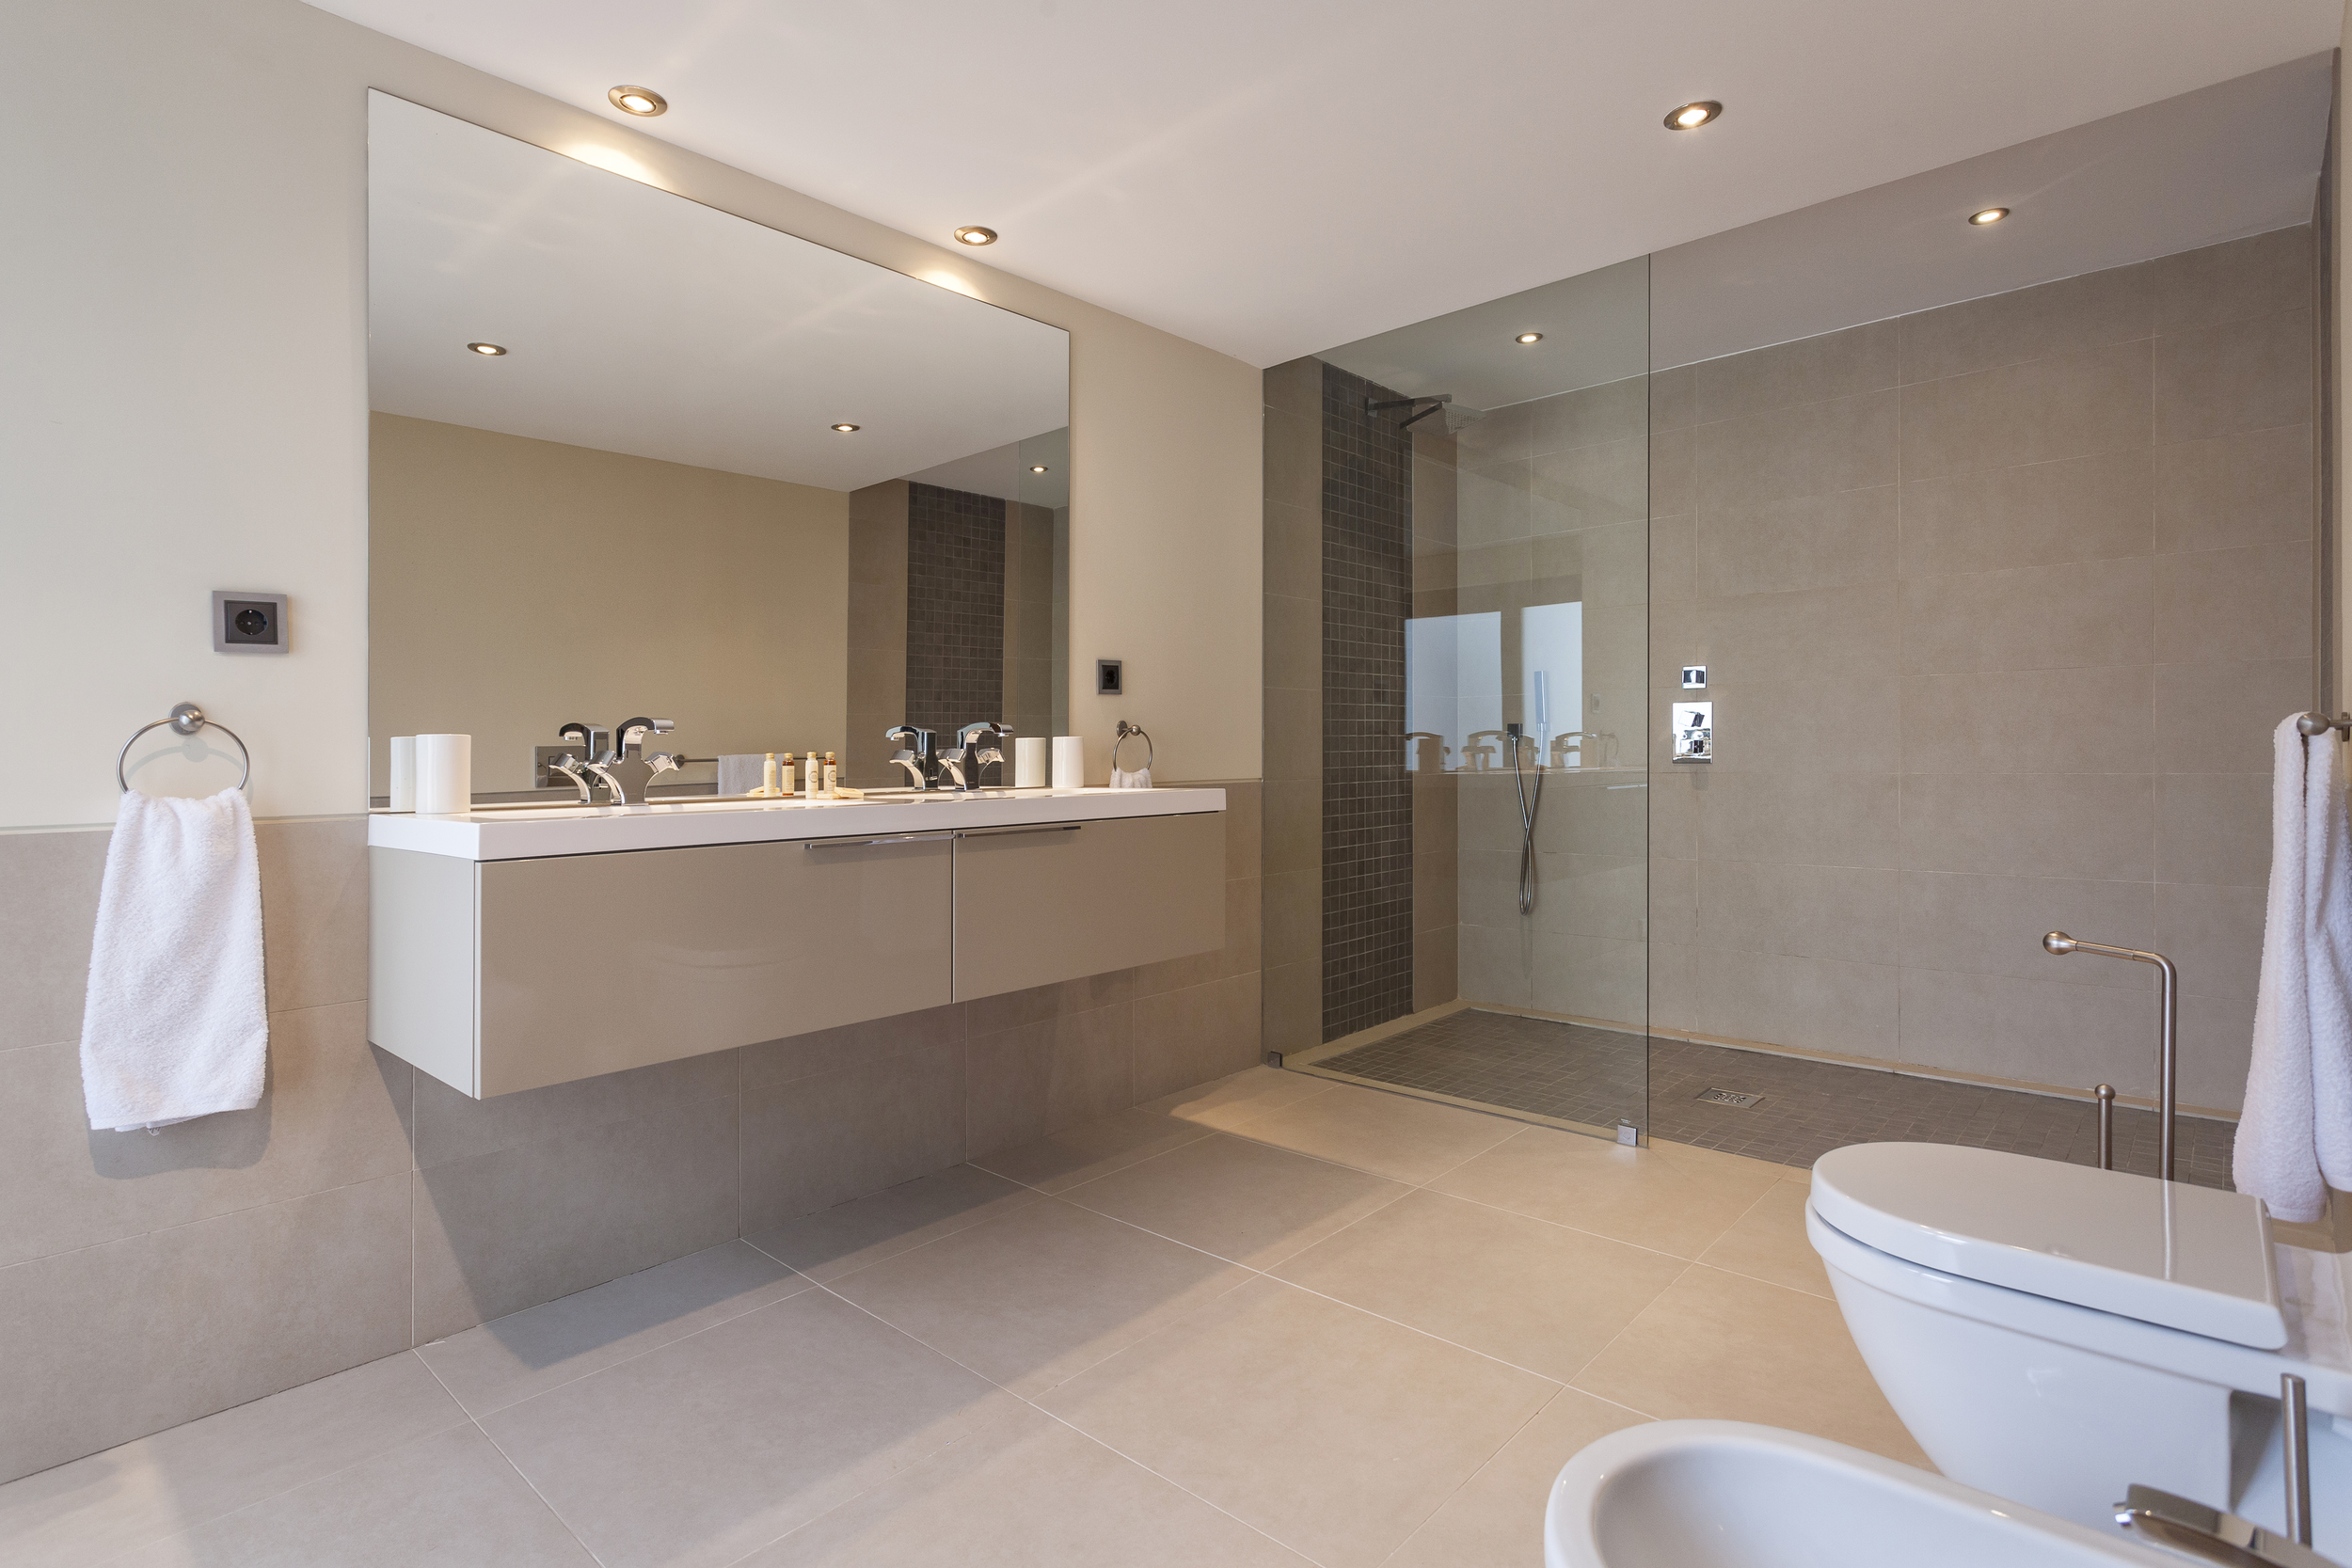 4 bedroom villa to rent in Quinta do Lago, RLV, Villa Serpentine,26.jpg